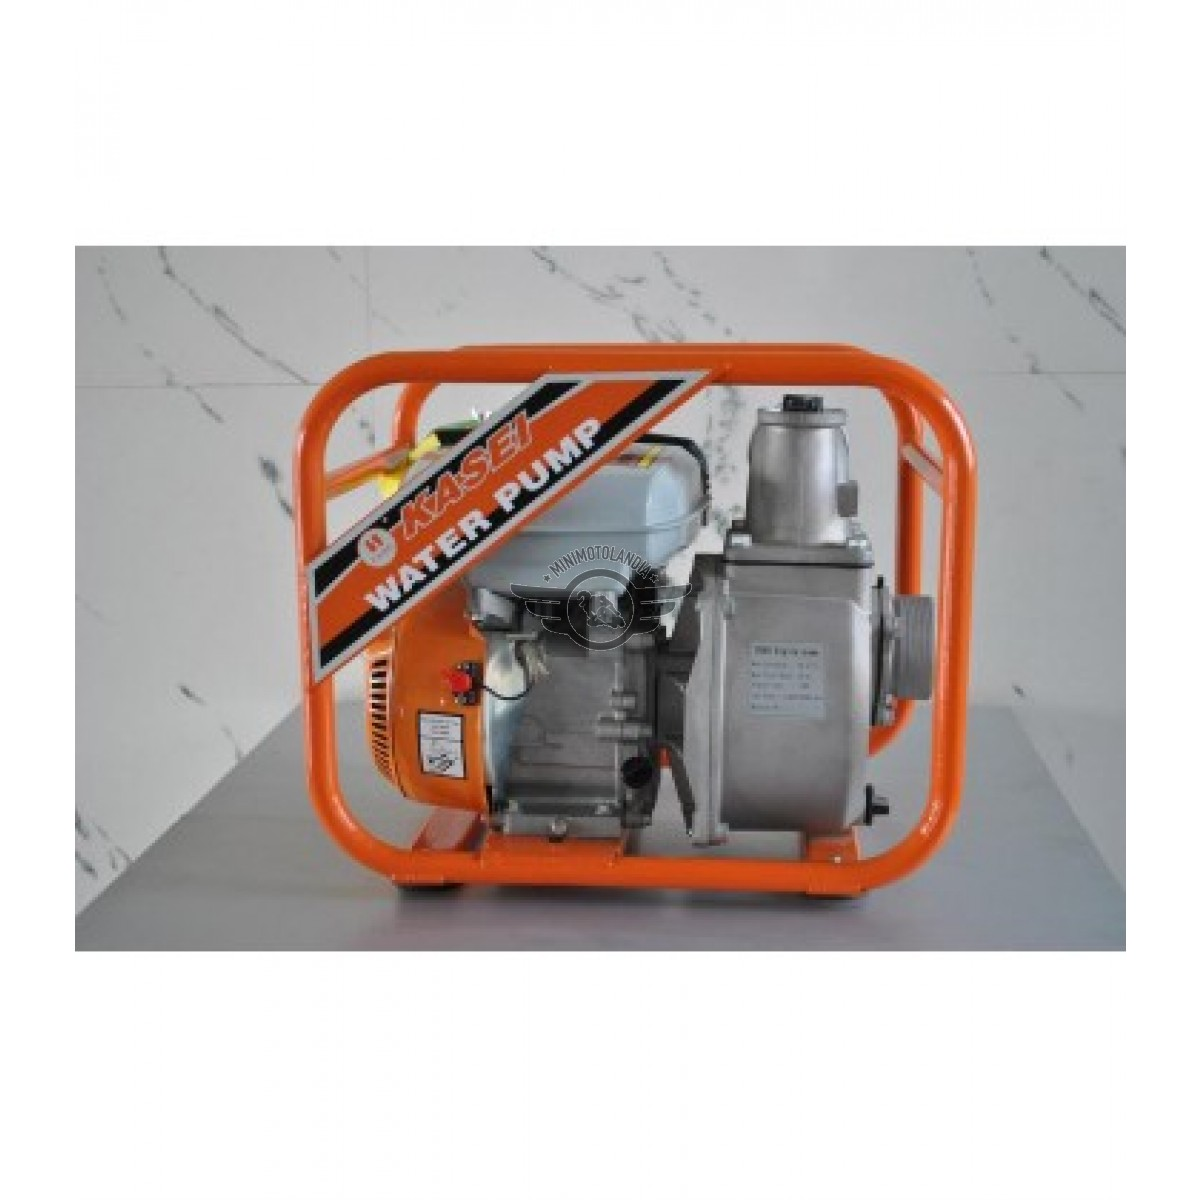 Pompa acqua zb80 per irrigazione minimotolandia for Pompa per irrigazione